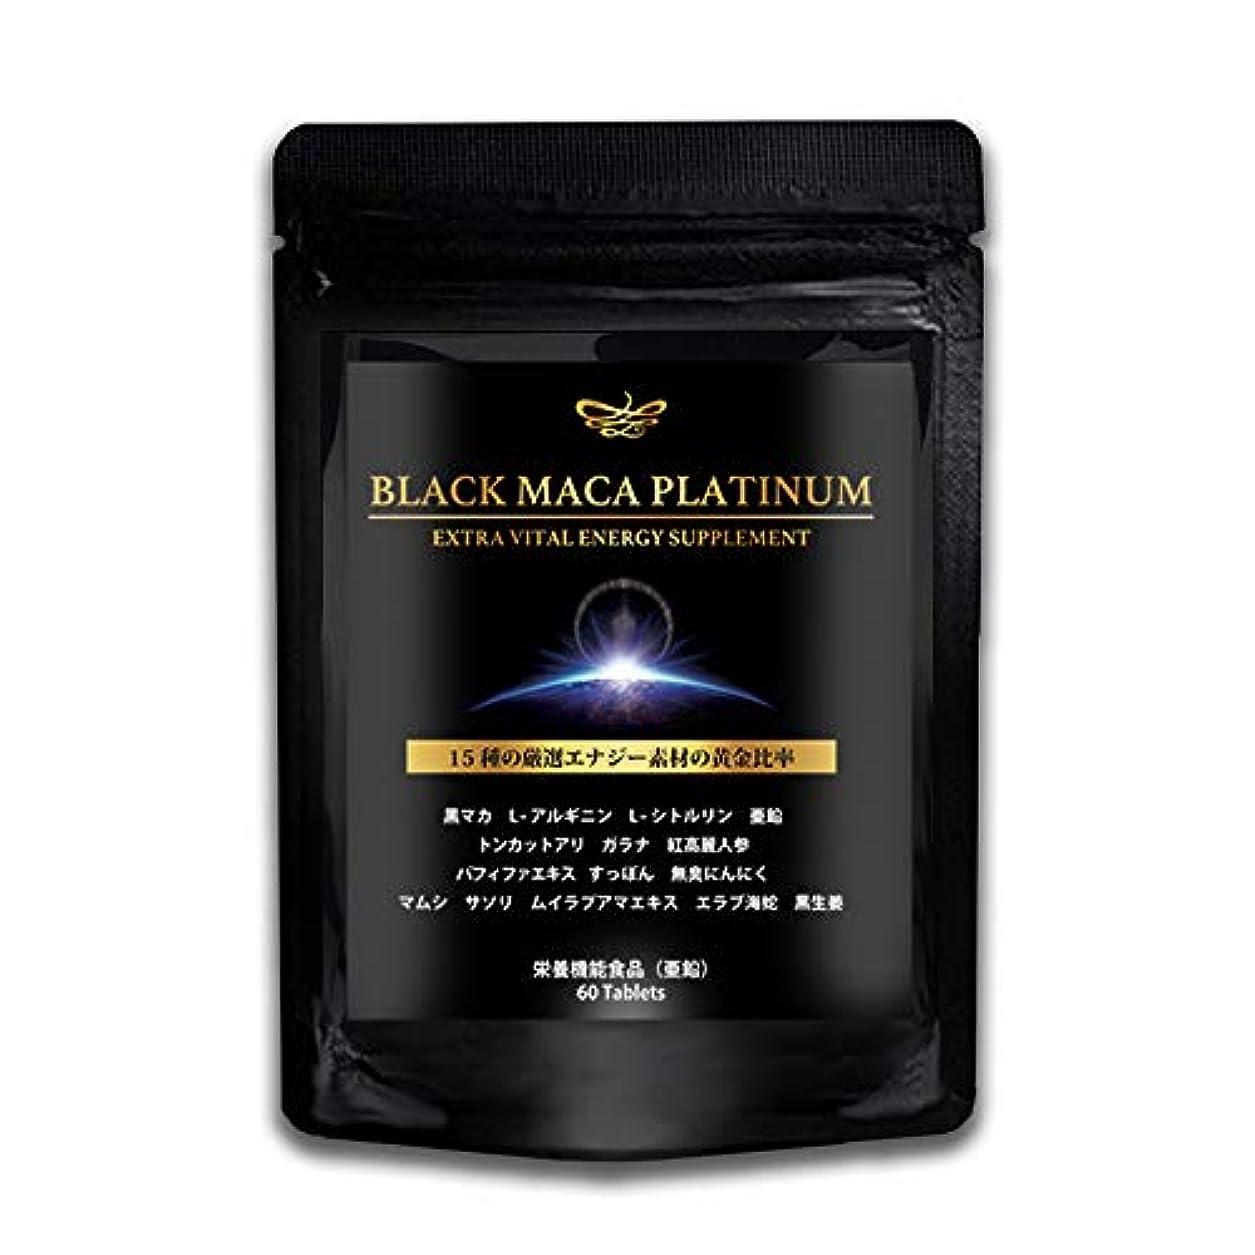 あさりデクリメントBLACK MACA PLATINUM ブラックマカプラチナム 黒マカ 亜鉛 シトルリン アルギニン 15種成分 配合 サプリメント 60粒 30日分